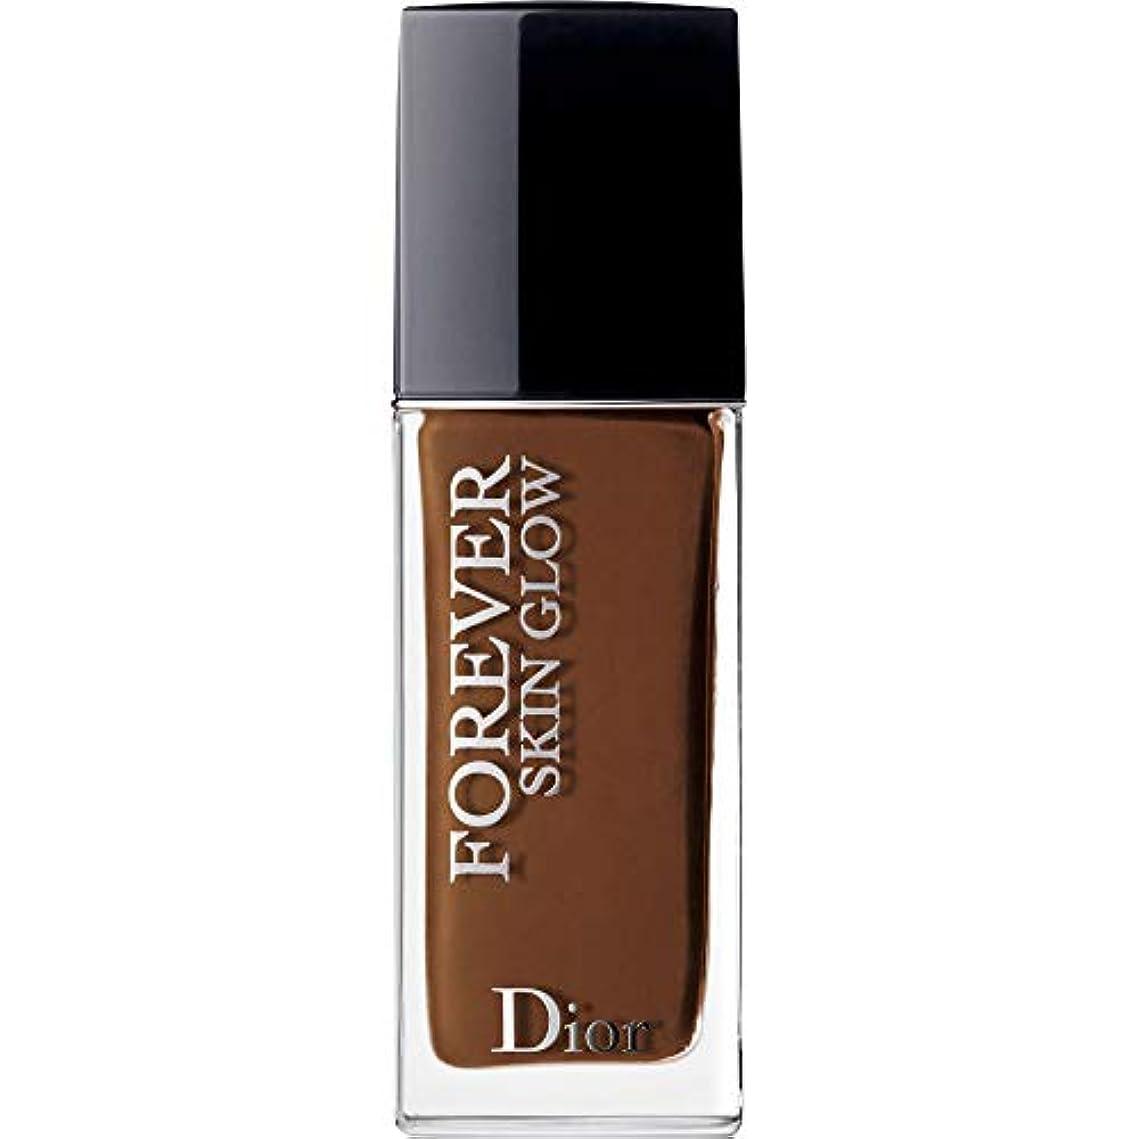 群衆週間アベニュー[Dior ] ディオール永遠に皮膚グロー皮膚思いやりの基礎Spf35 30ミリリットルの9N - ニュートラル(肌の輝き) - DIOR Forever Skin Glow Skin-Caring Foundation...